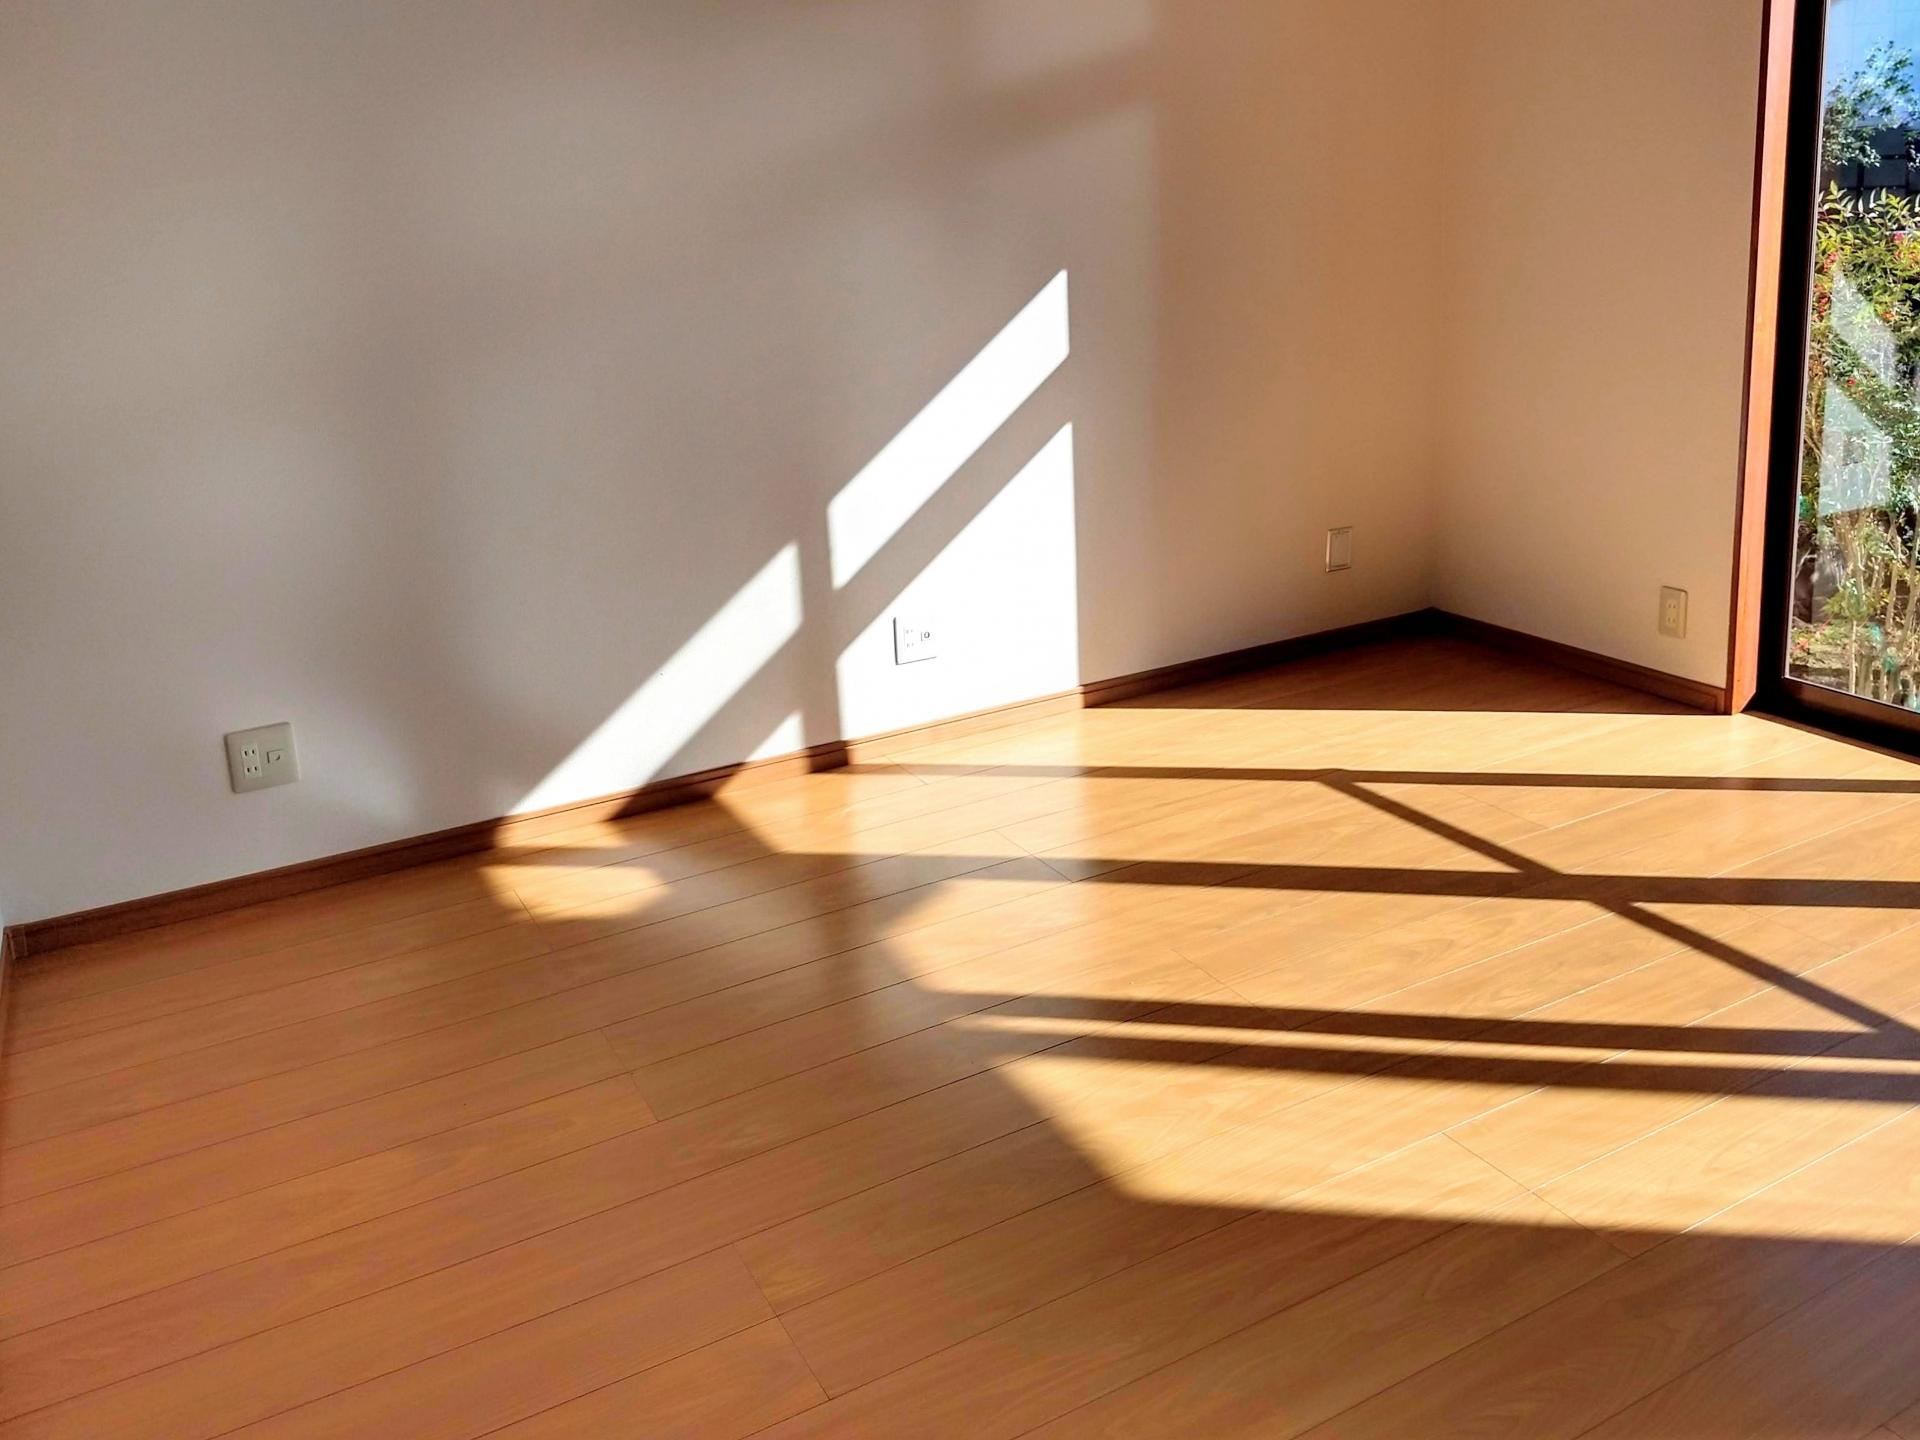 空室を埋めるには何をしたら良い?費用対効果で考える空室対策